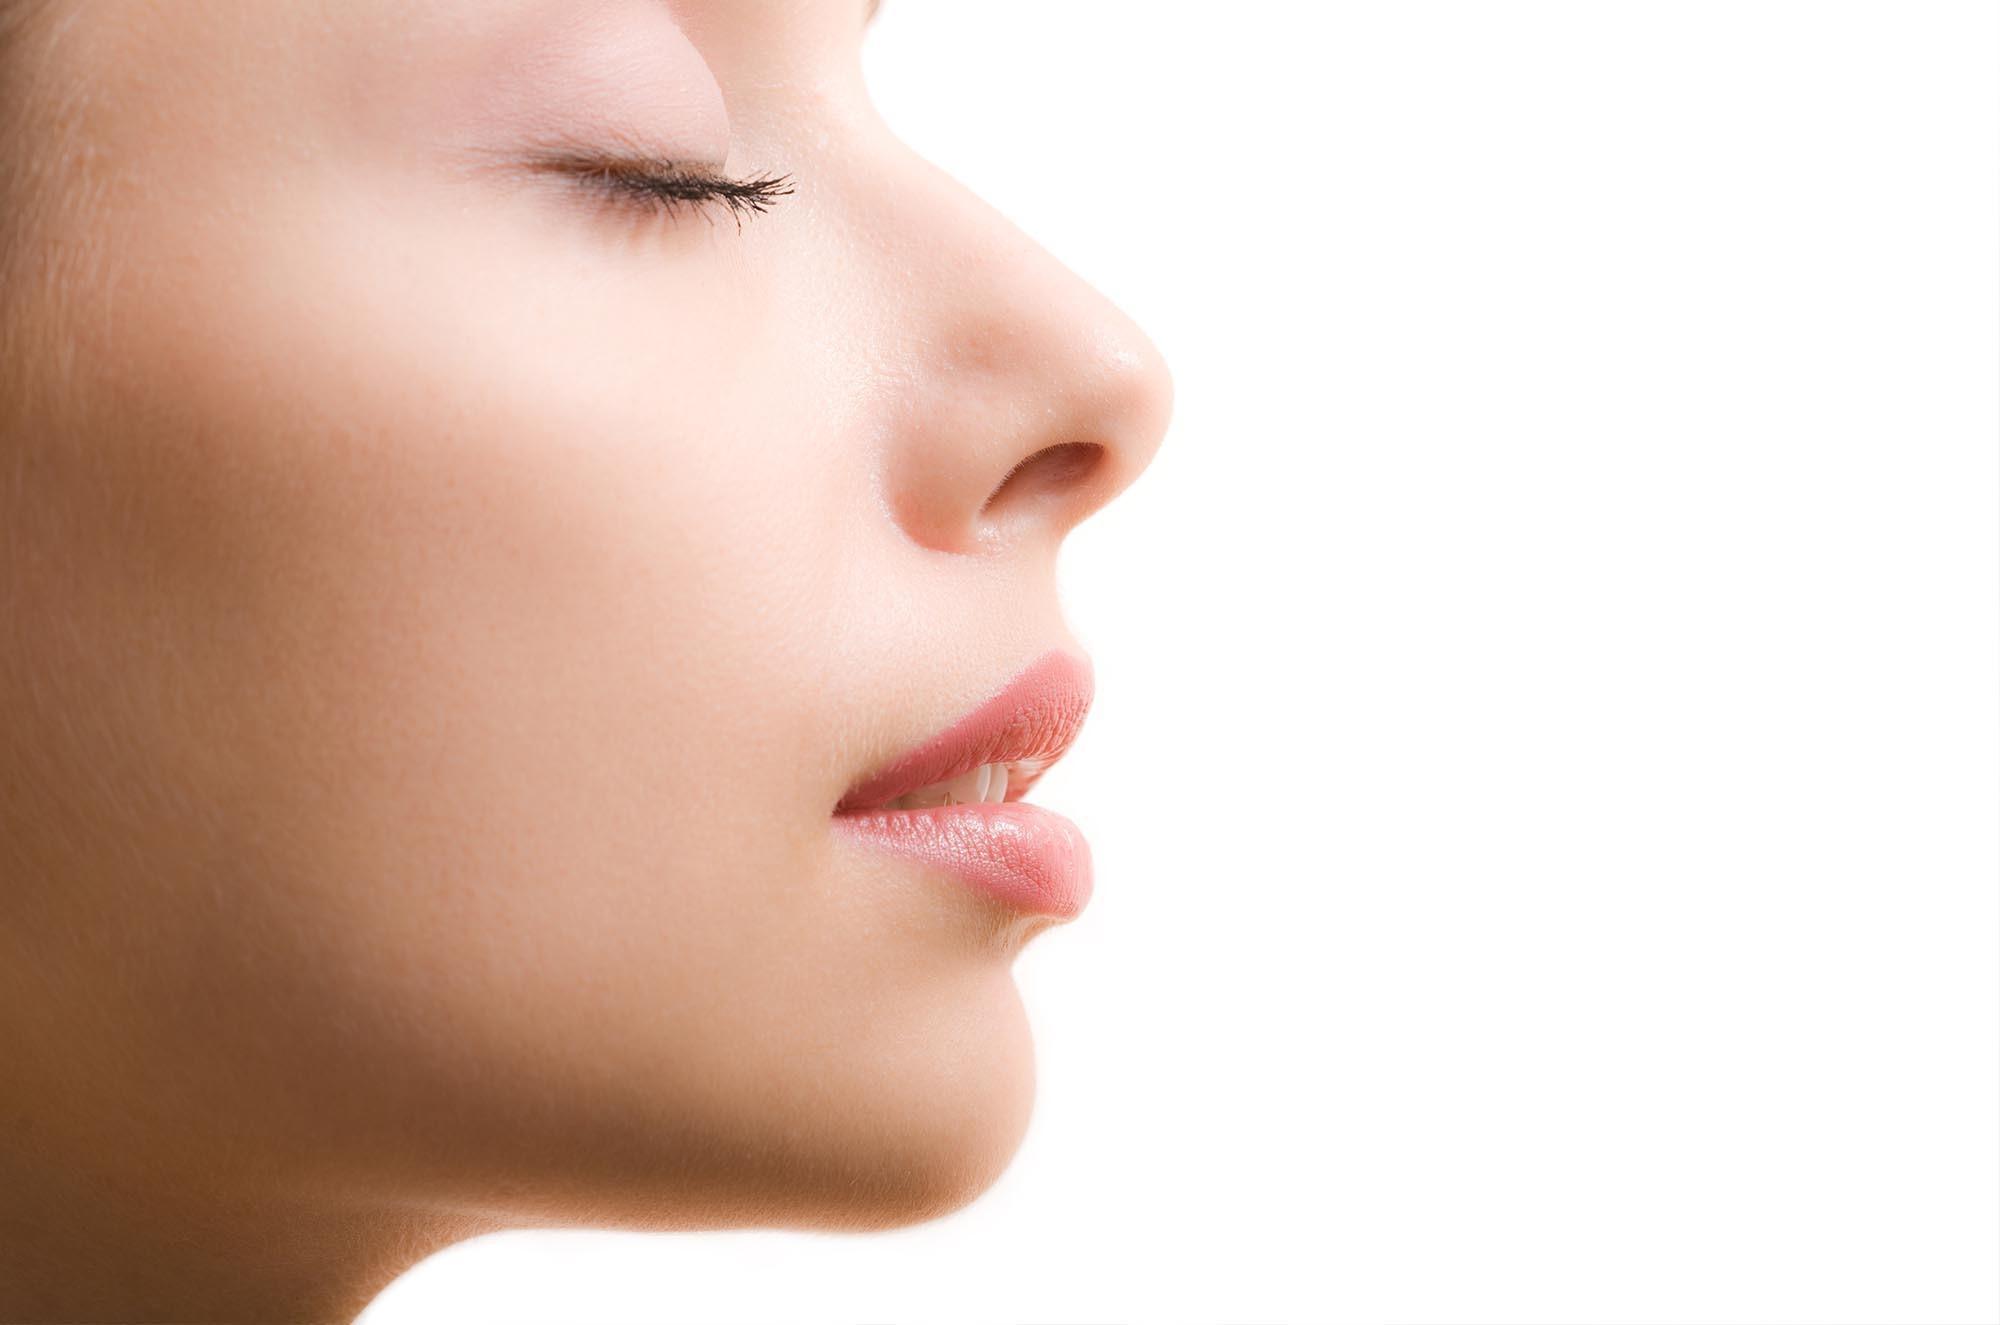 Cirurgia Estética do Nariz ou Rinoplastia: Conselhos, Pós-operatório e Cuidados